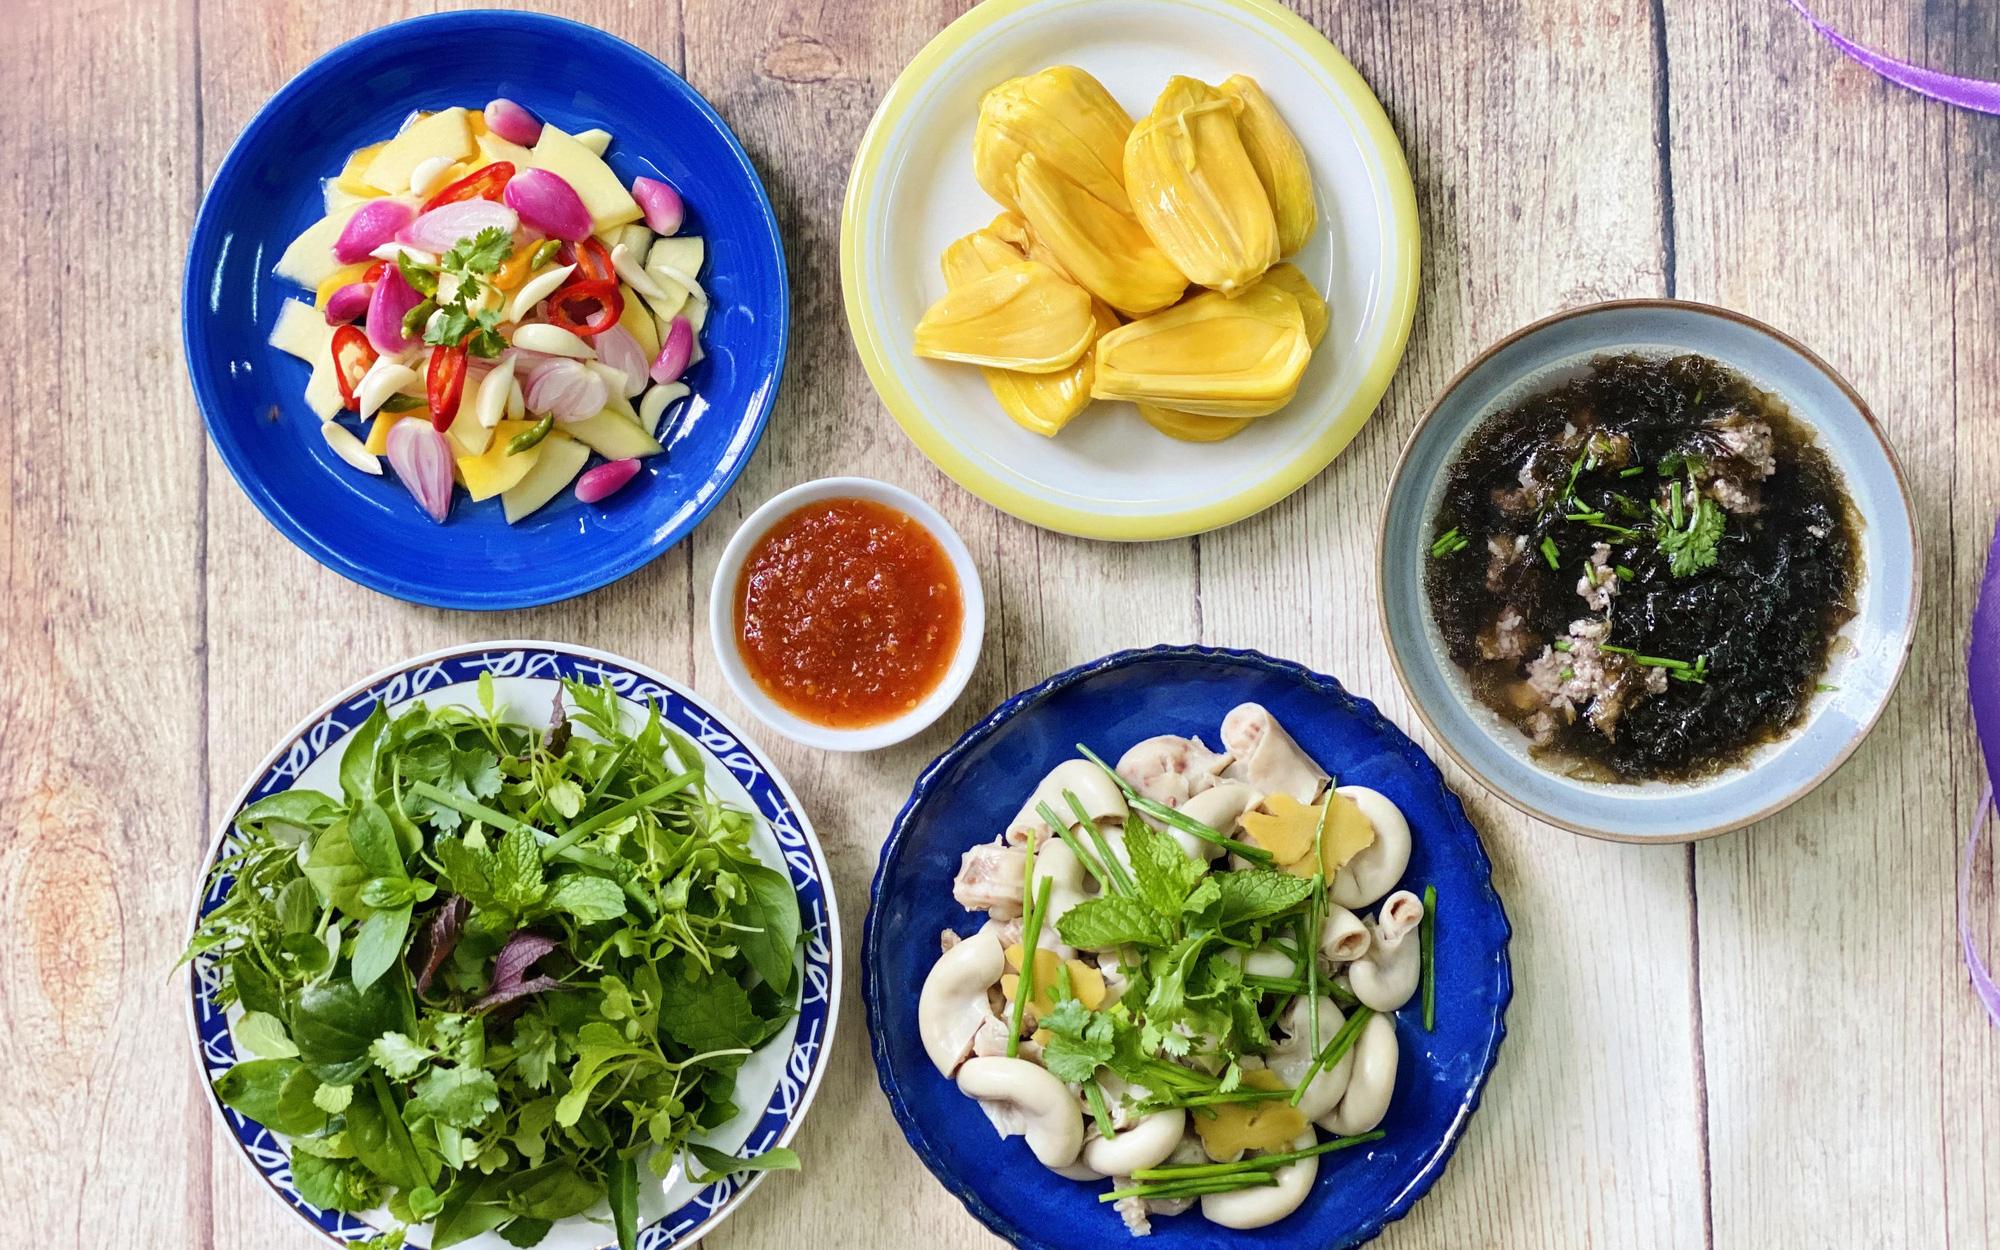 Mâm cơm cuối tuần mùa giãn cách chỉ 4 món nấu chỉ 30 phút nhưng đảm bảo ai ăn cũng thích!